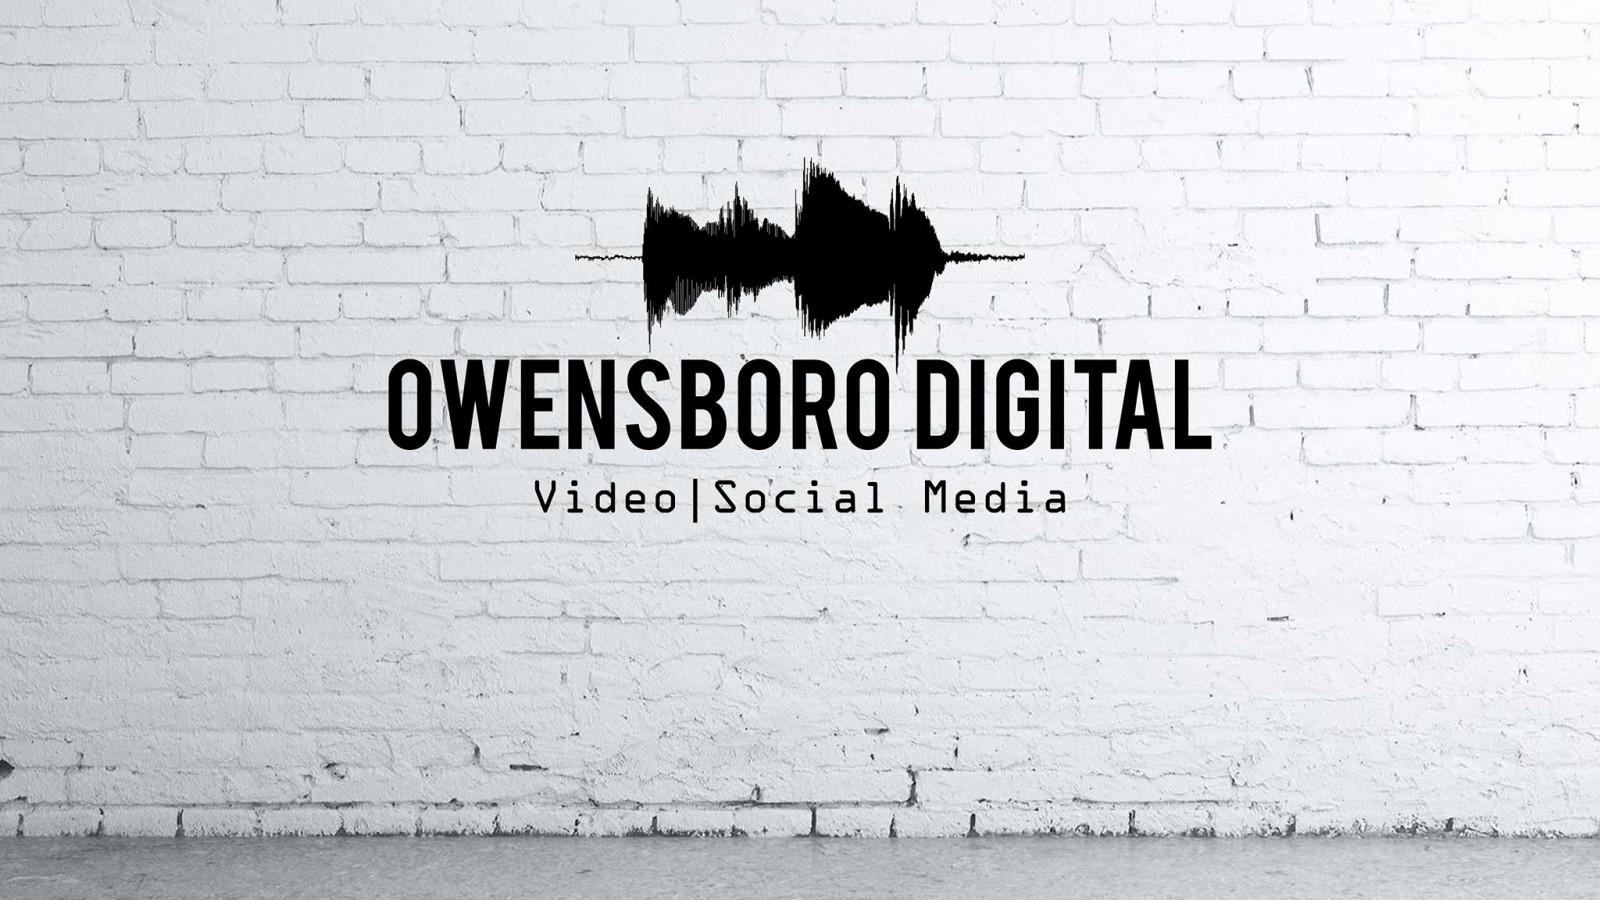 Owensboro Digital